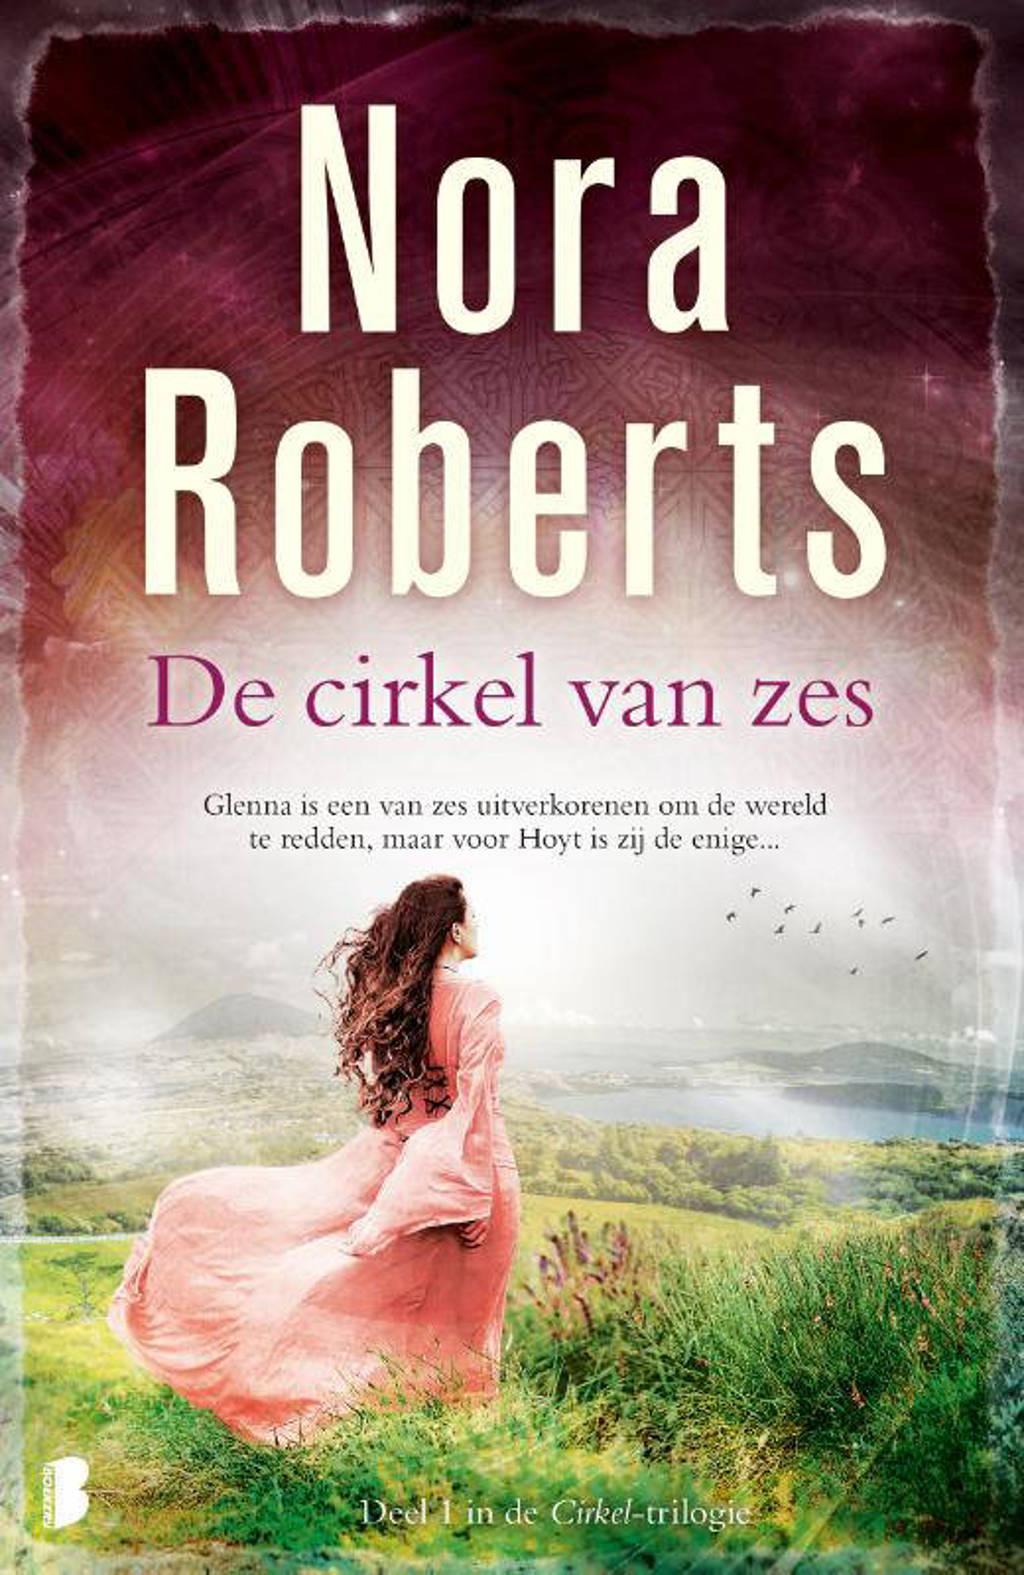 Cirkel: De cirkel van zes - Nora Roberts